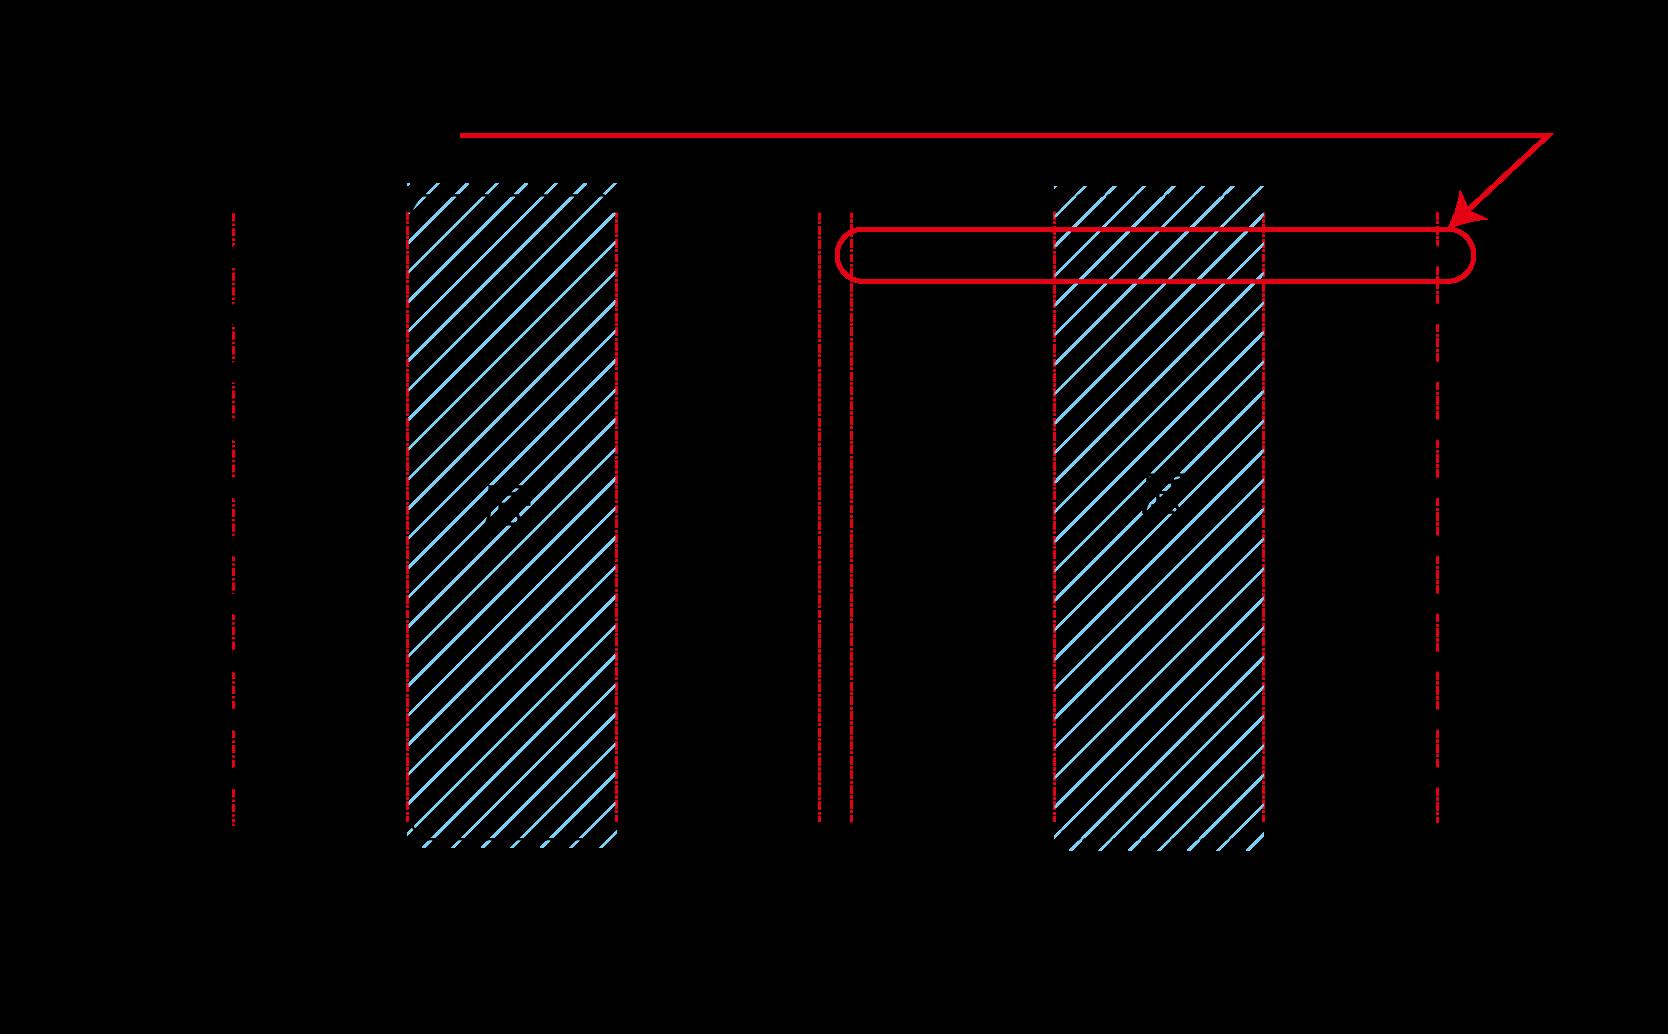 仕切りの構造